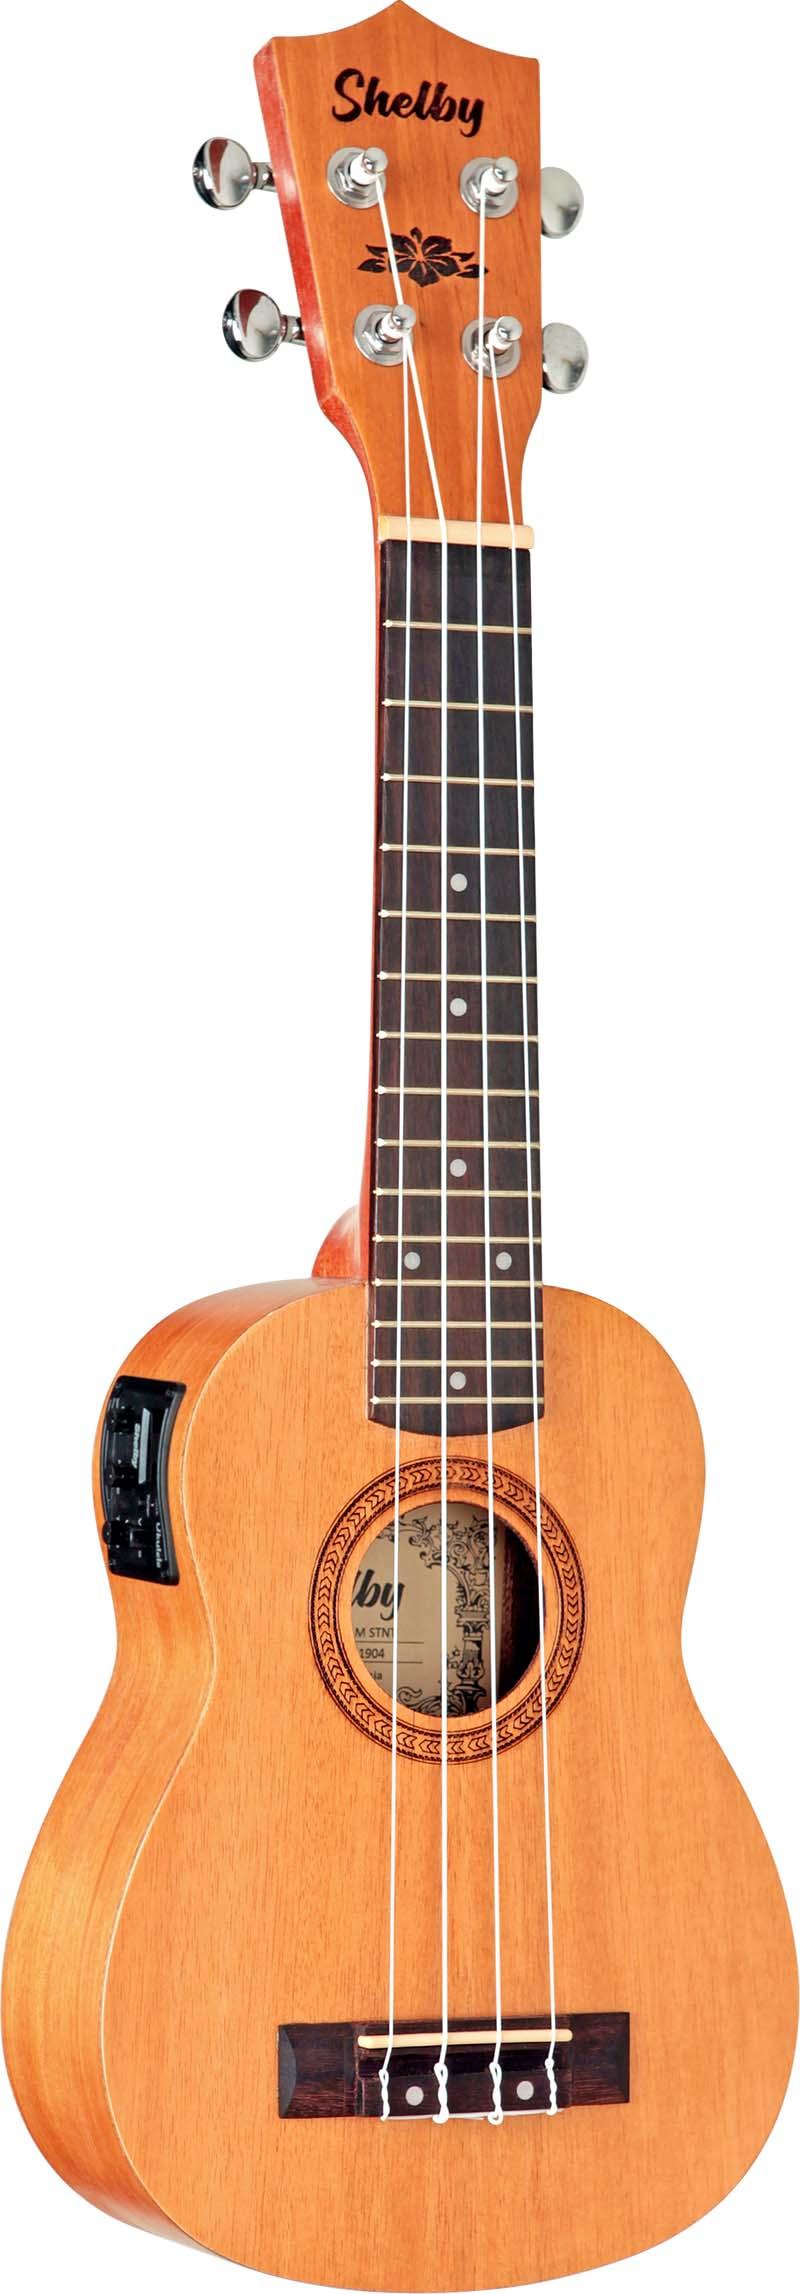 su21me ukulele soprano eletroacustico shelby su21me stnt mogno acetinado visao frontal 1